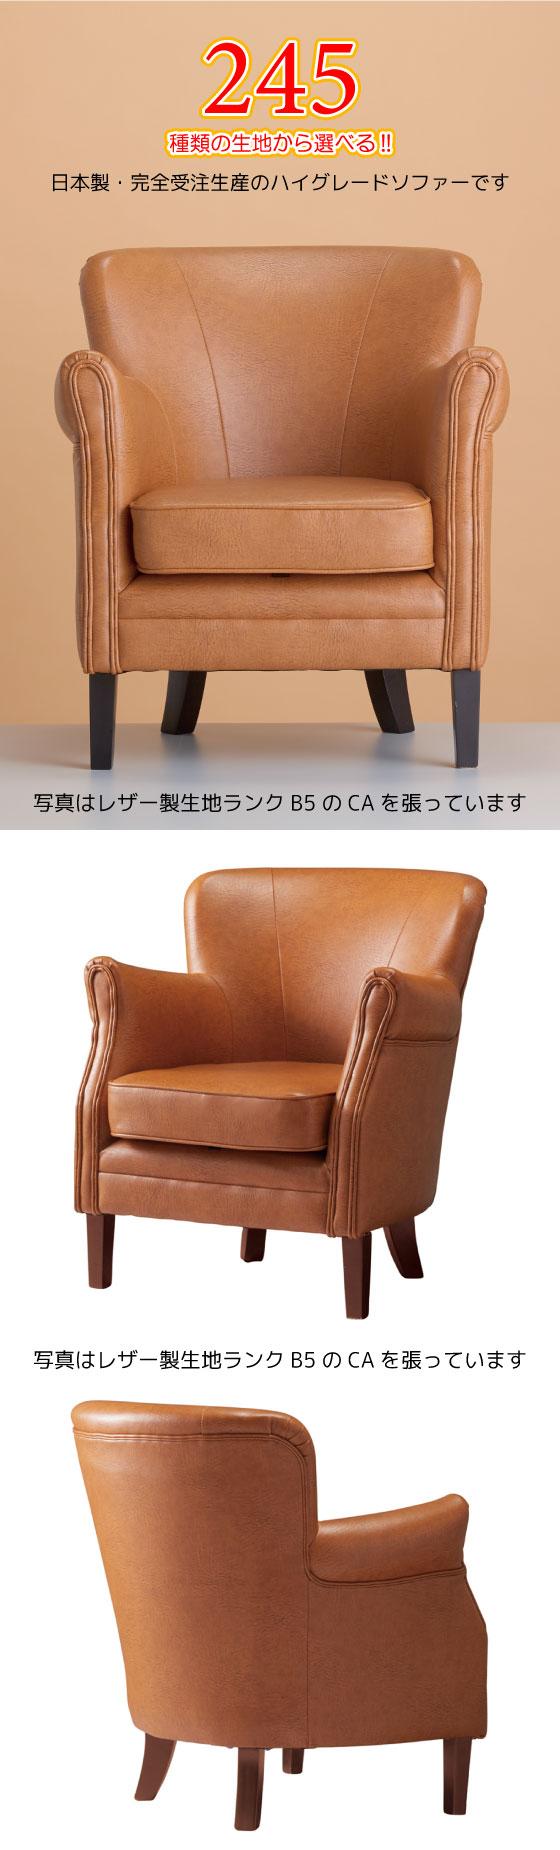 245種類の生地から選べるハイグレード1人掛ソファー(受注生産・日本製)